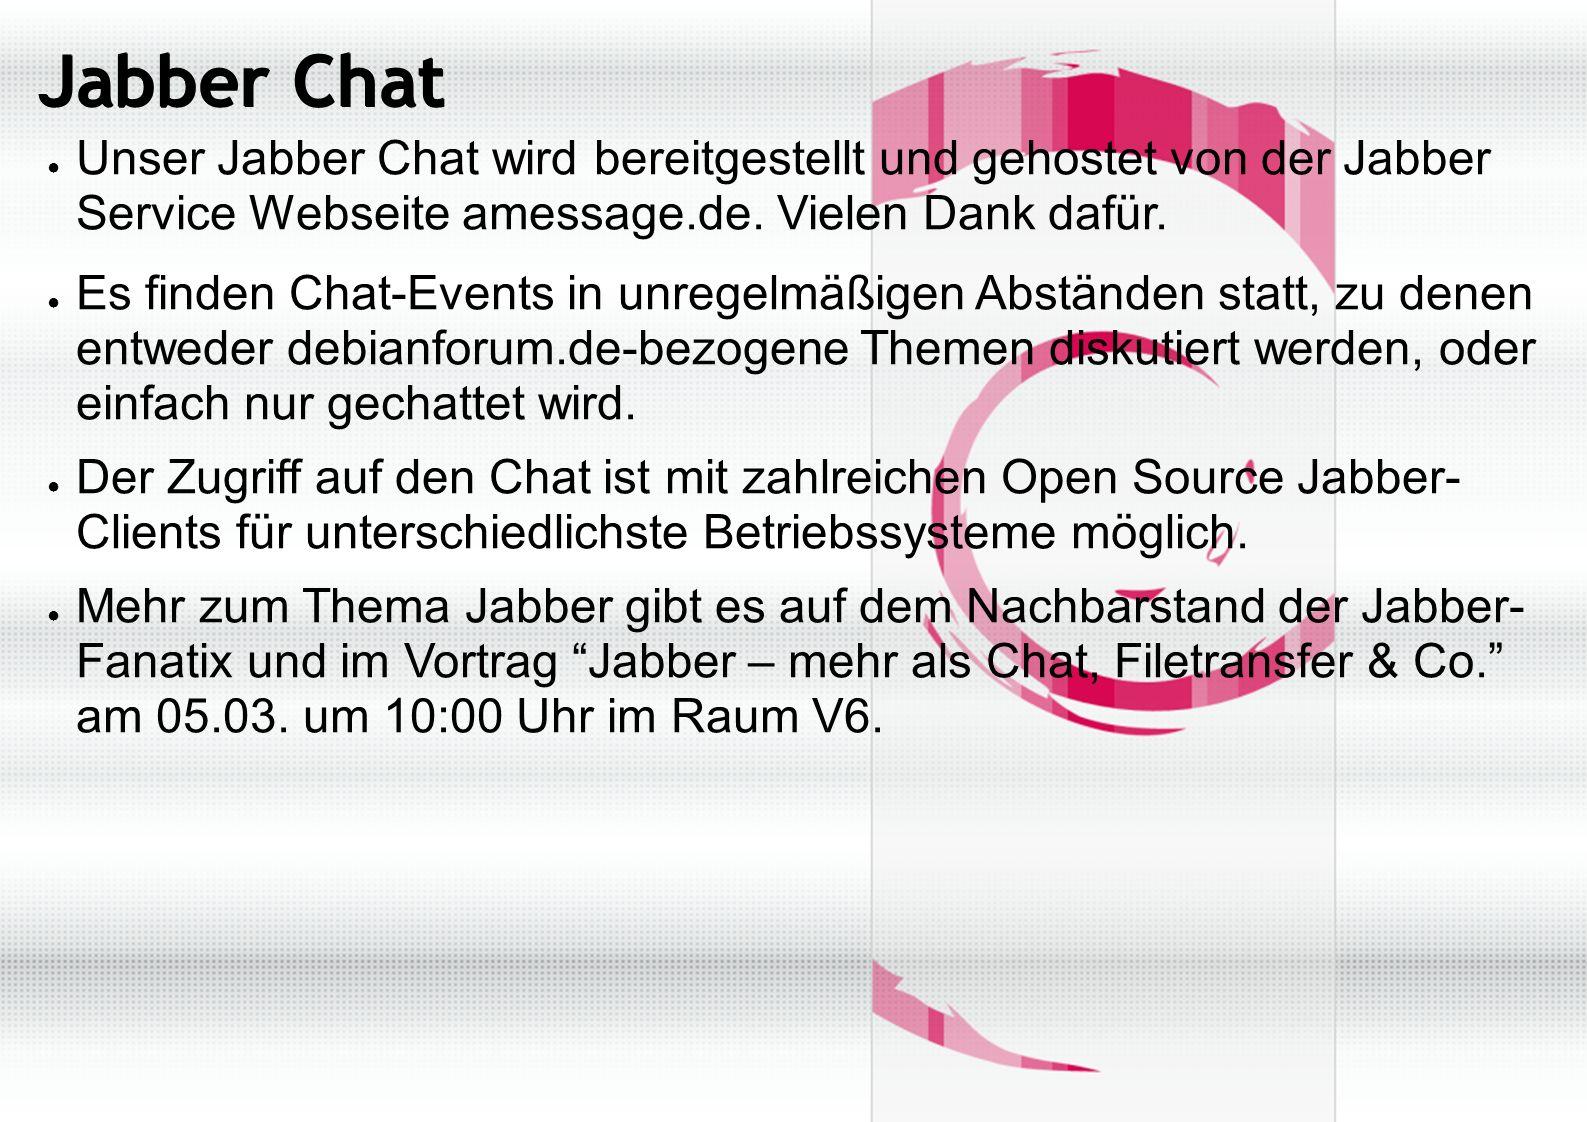 Jabber Chat ● Unser Jabber Chat wird bereitgestellt und gehostet von der Jabber Service Webseite amessage.de.